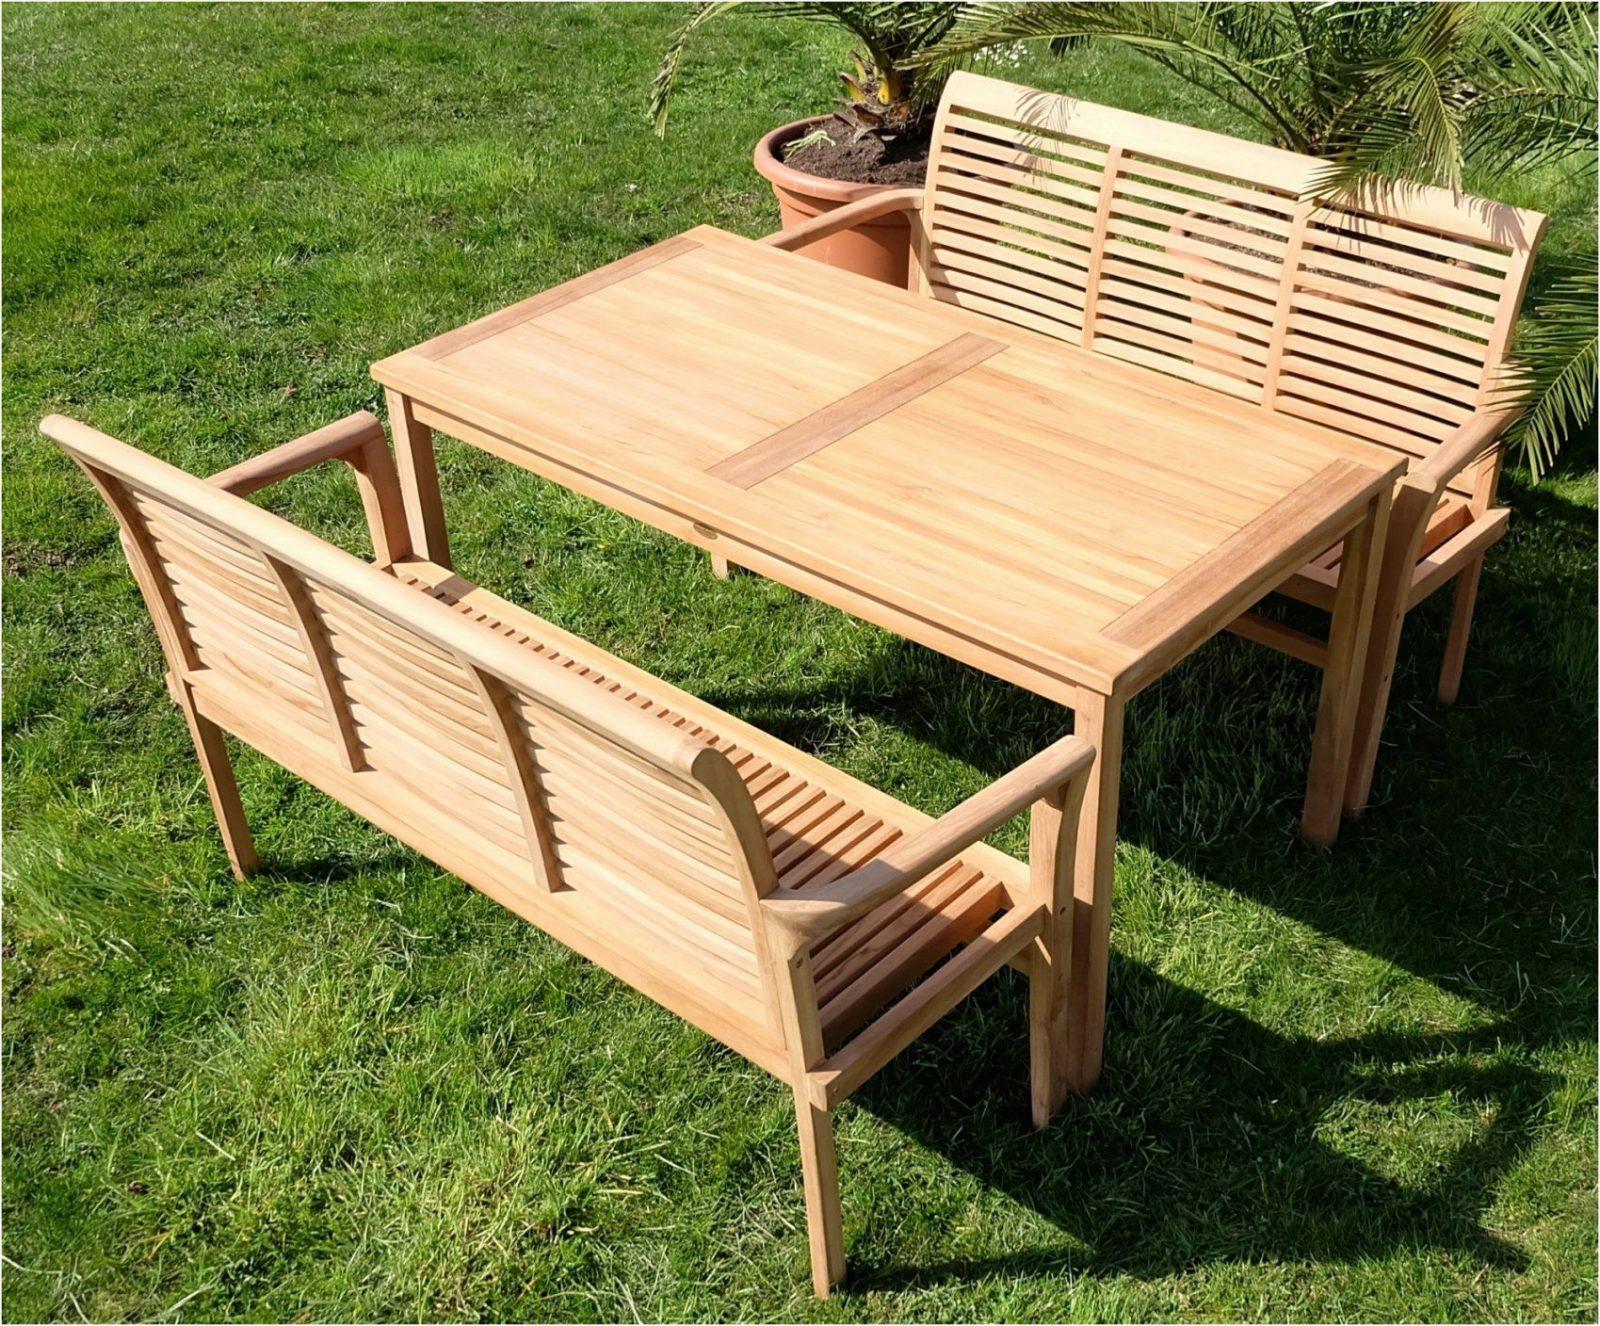 Teak Gartenmöbel Set Elegant Teak Xl Set Gartentisch 2 Bänke Alpen von Gartentisch Mit 2 Bänken Bild